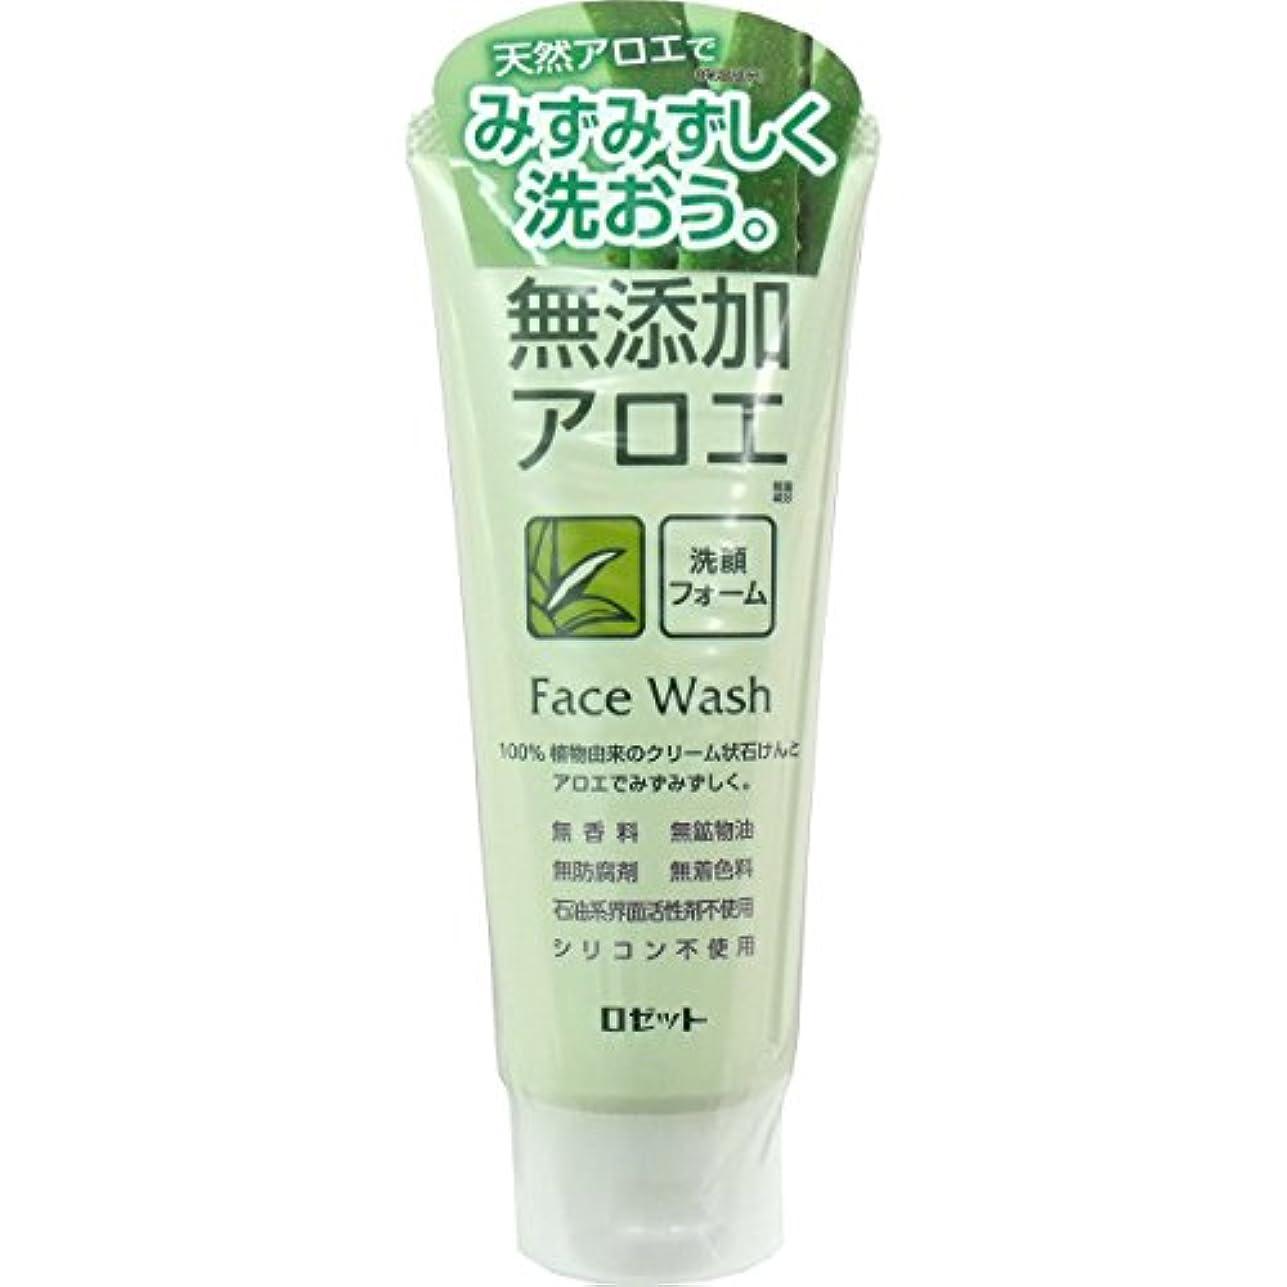 【まとめ買い】無添加アロエ洗顔フォーム 140g ×2セット